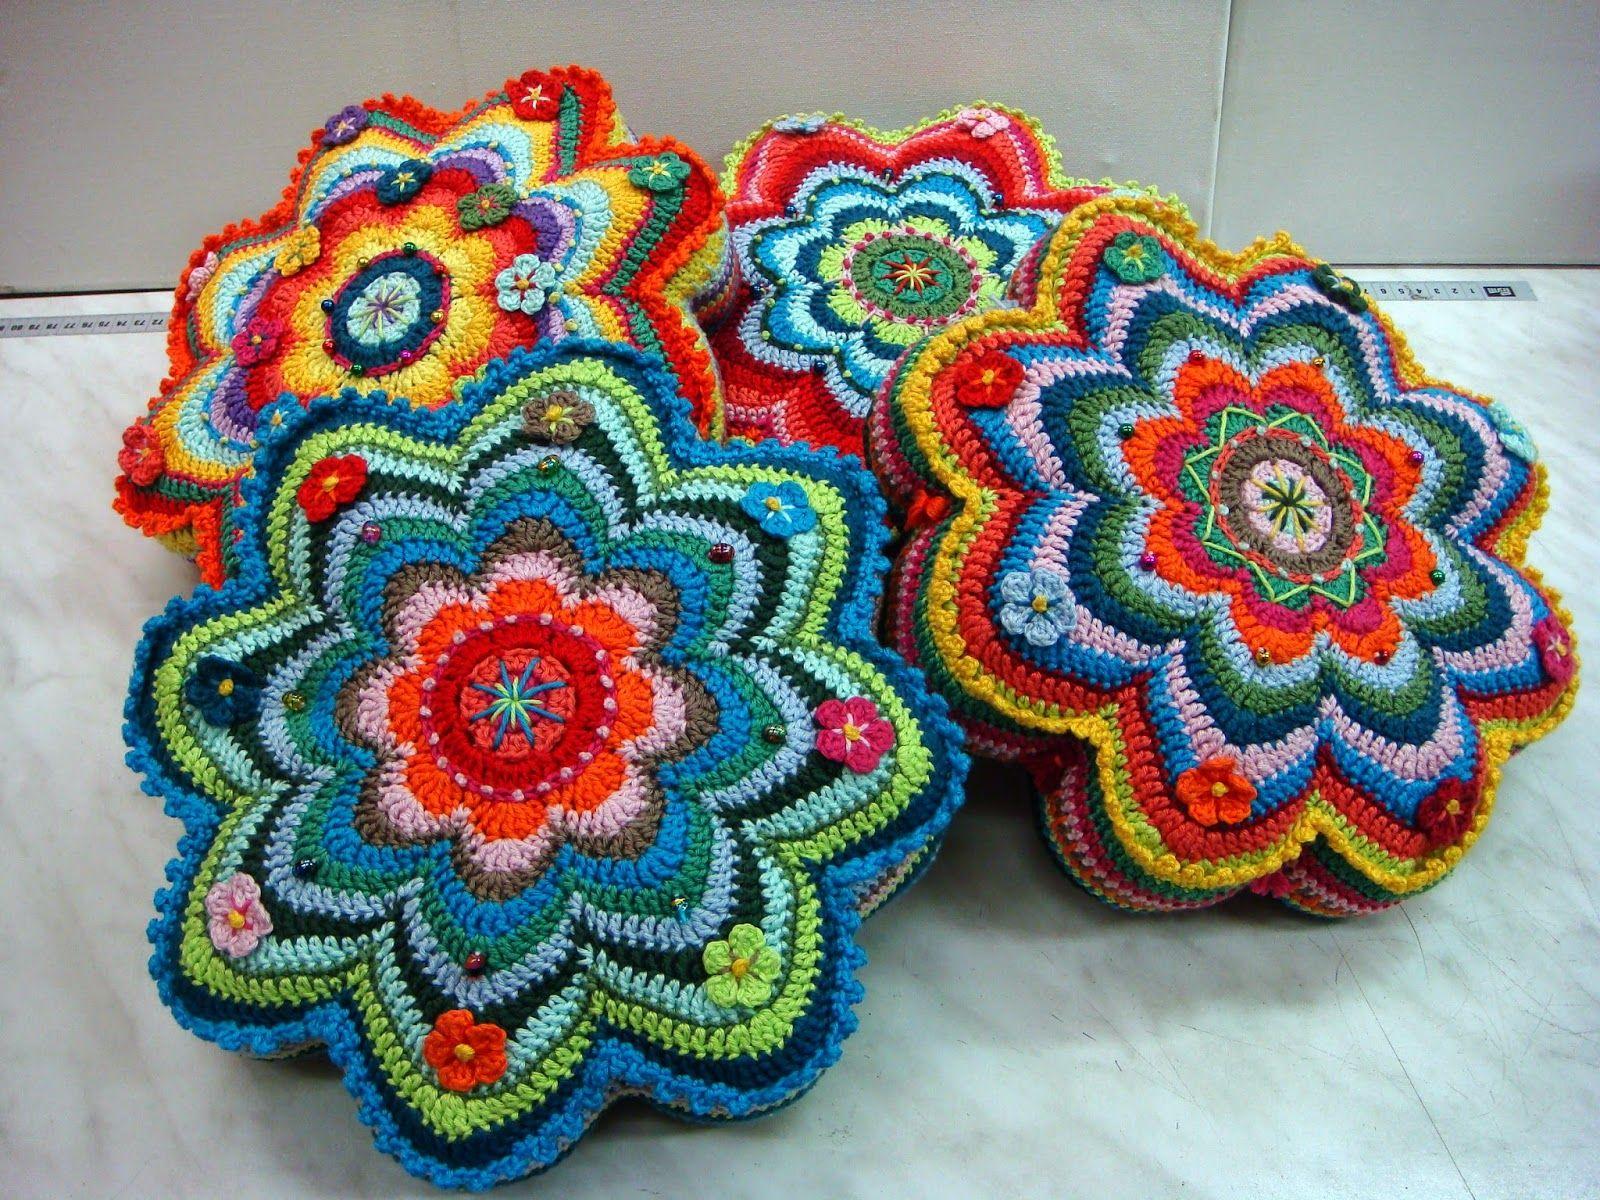 Will 39 s wools banju kussens banju cushions haken pinterest kussens haken en gehaakte - Kussen voor ontlasting ...